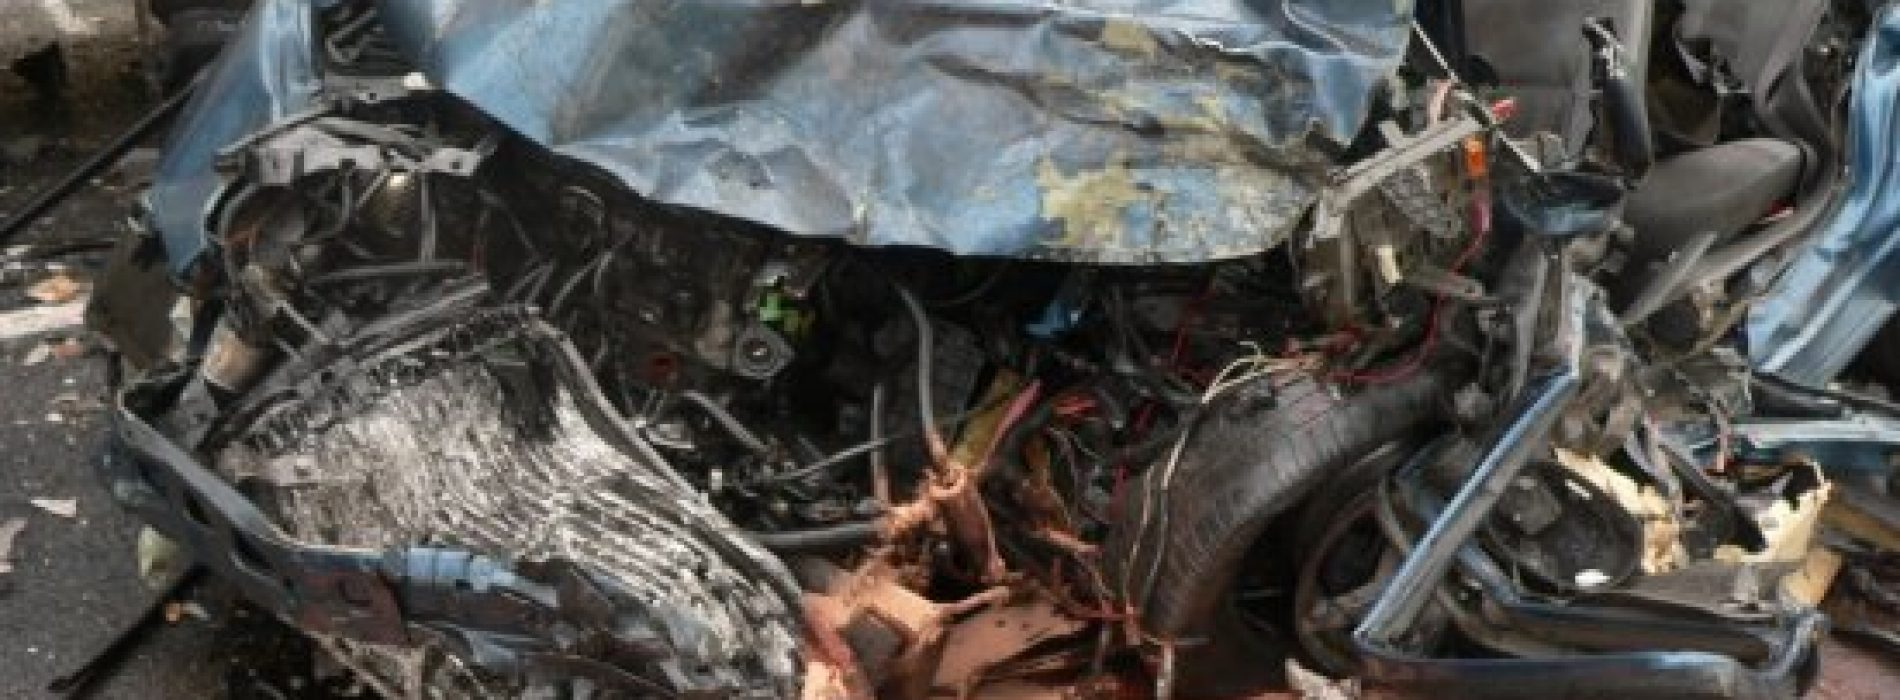 Tragiczny wypadek pod Lesznem